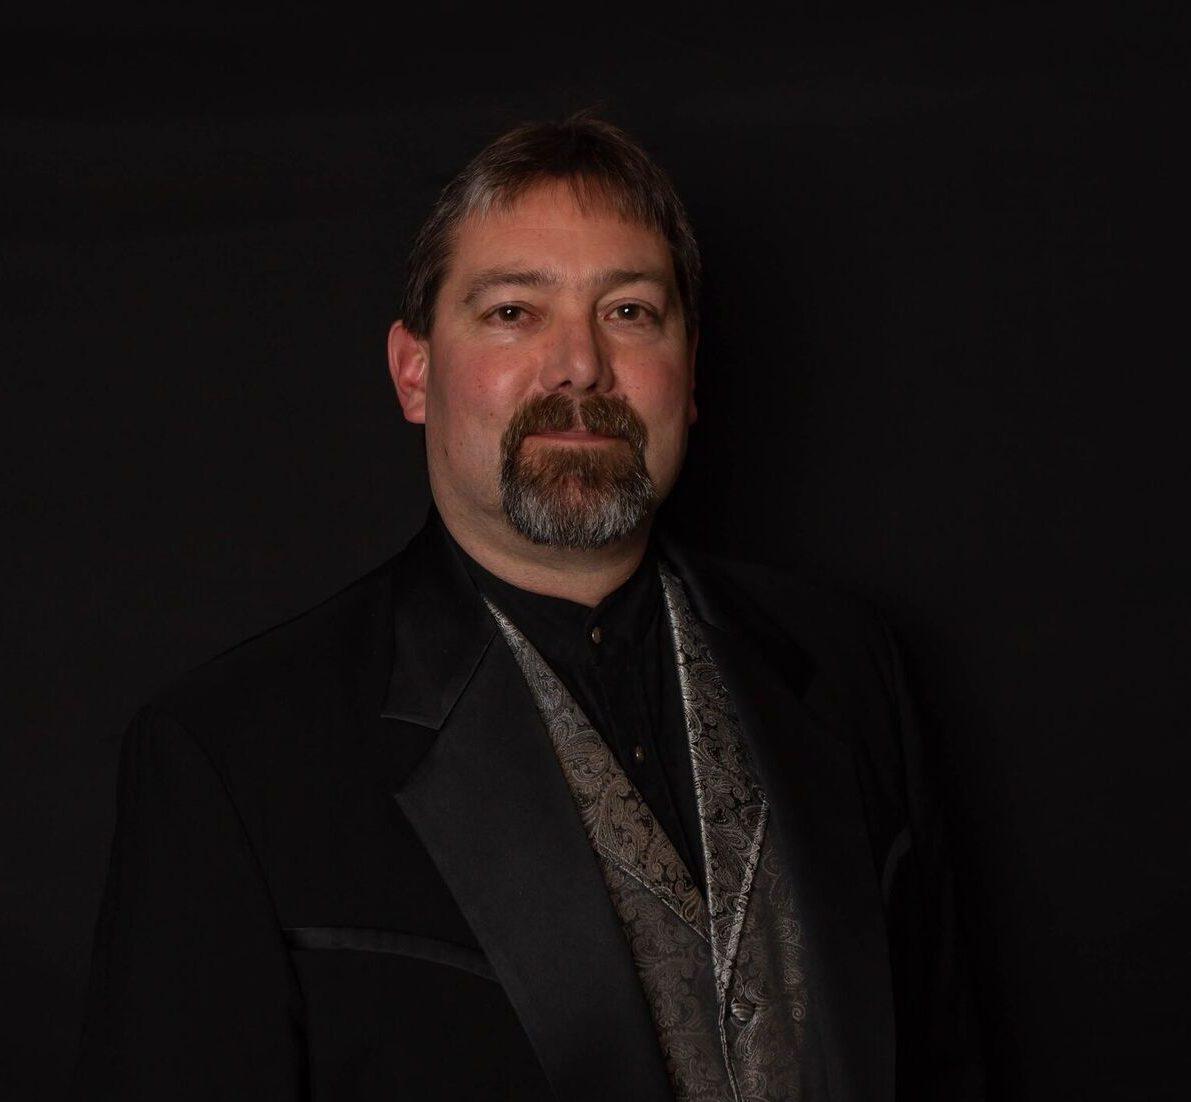 Shawn Ostberg